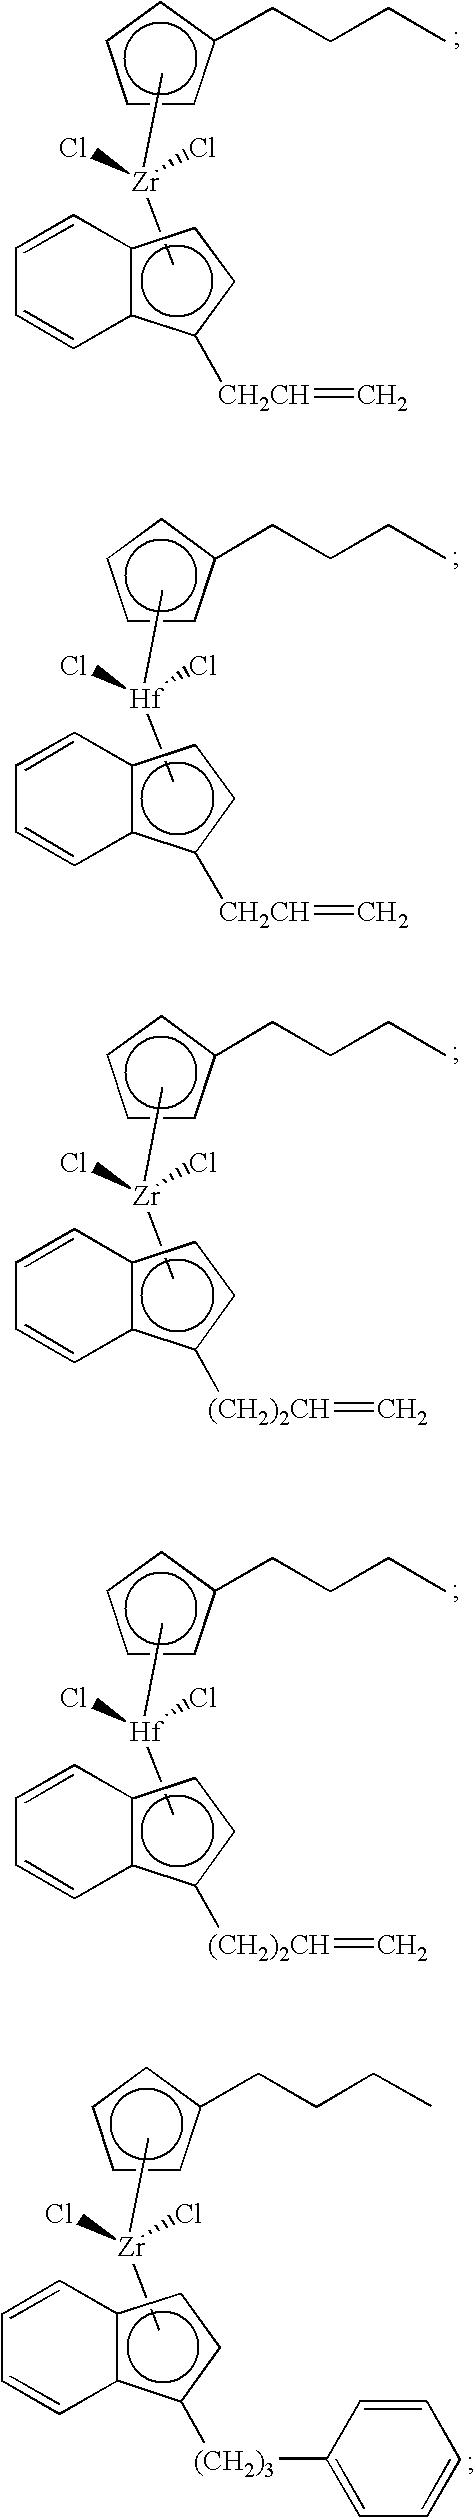 Figure US07226886-20070605-C00017